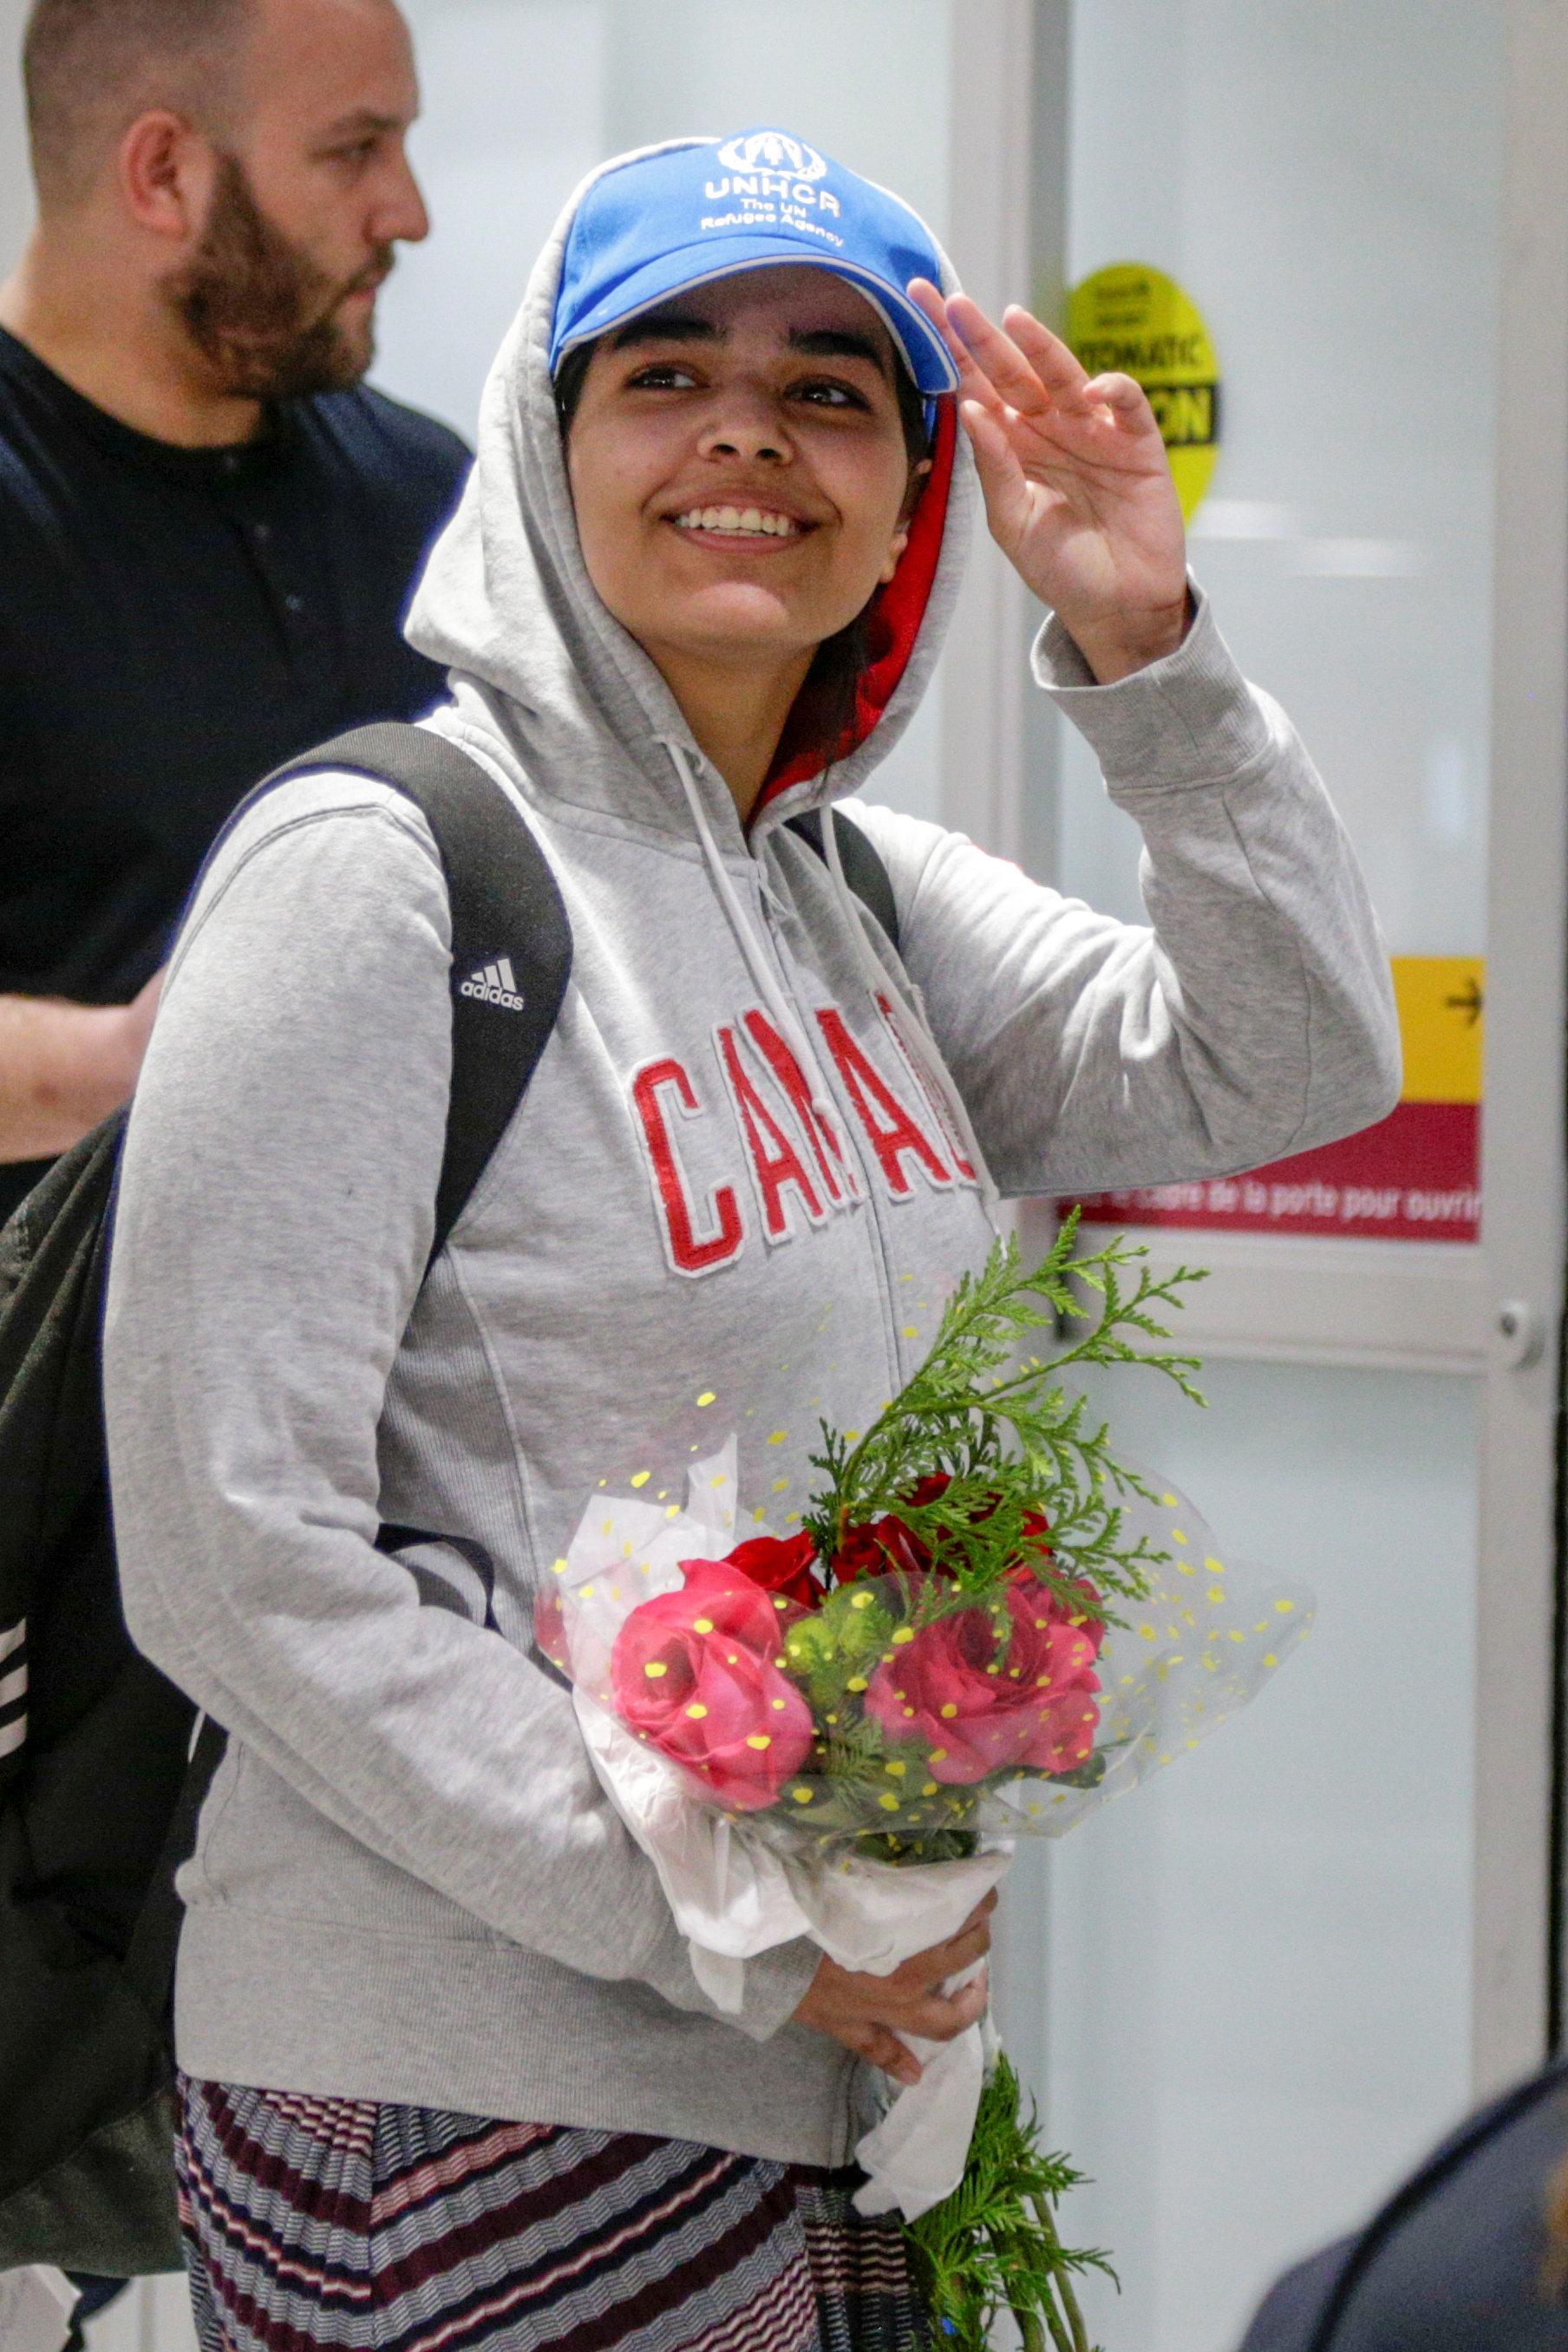 Après avoir fui l'Arabie saoudite, Rahaf Mohammed al-Qunun trouve asile au